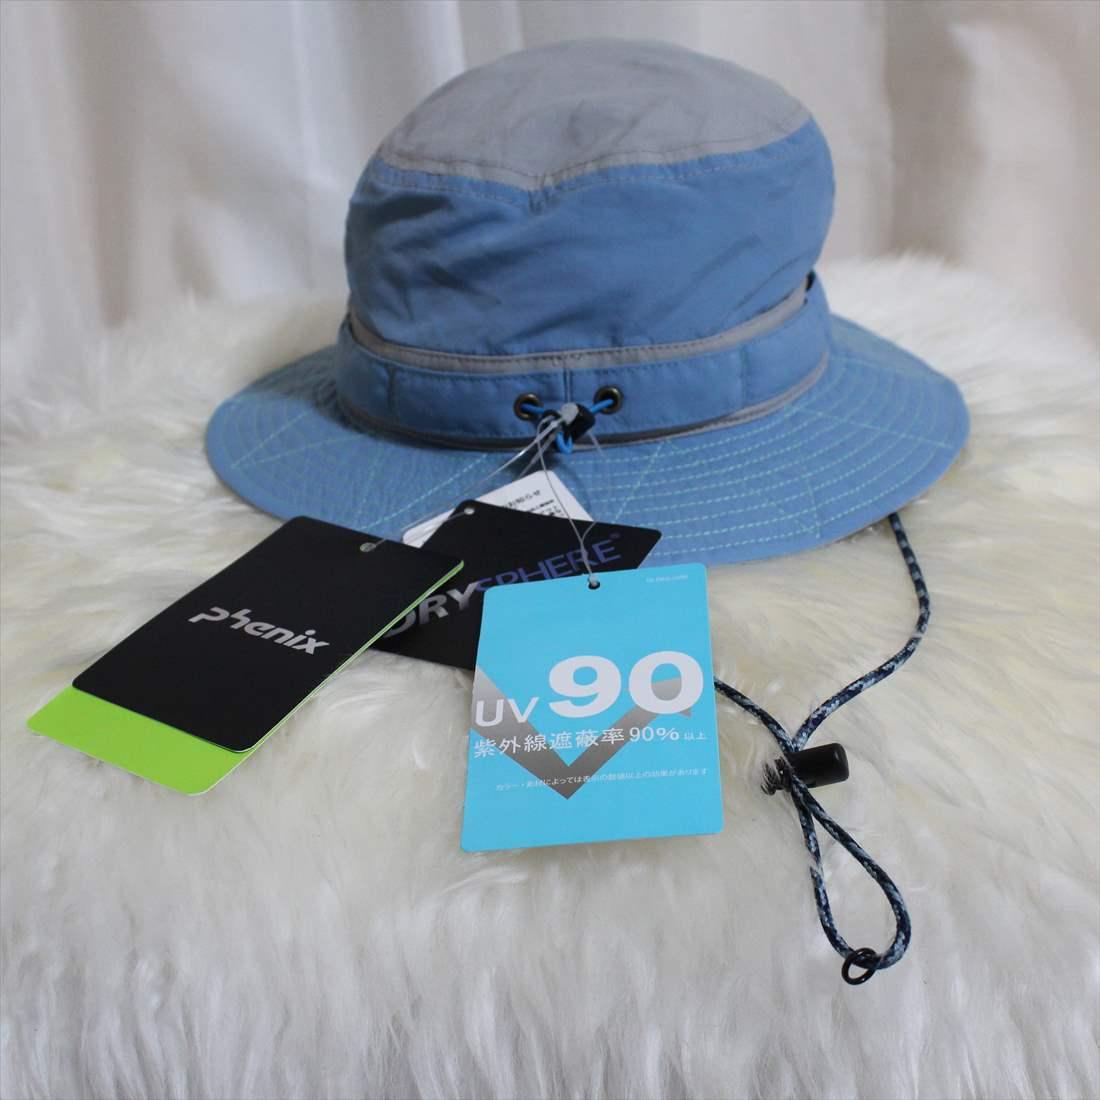 フェニックス phenix UV90 ハット サックス 新品 ジュニアフリー DRY SPHERE HAT_画像3